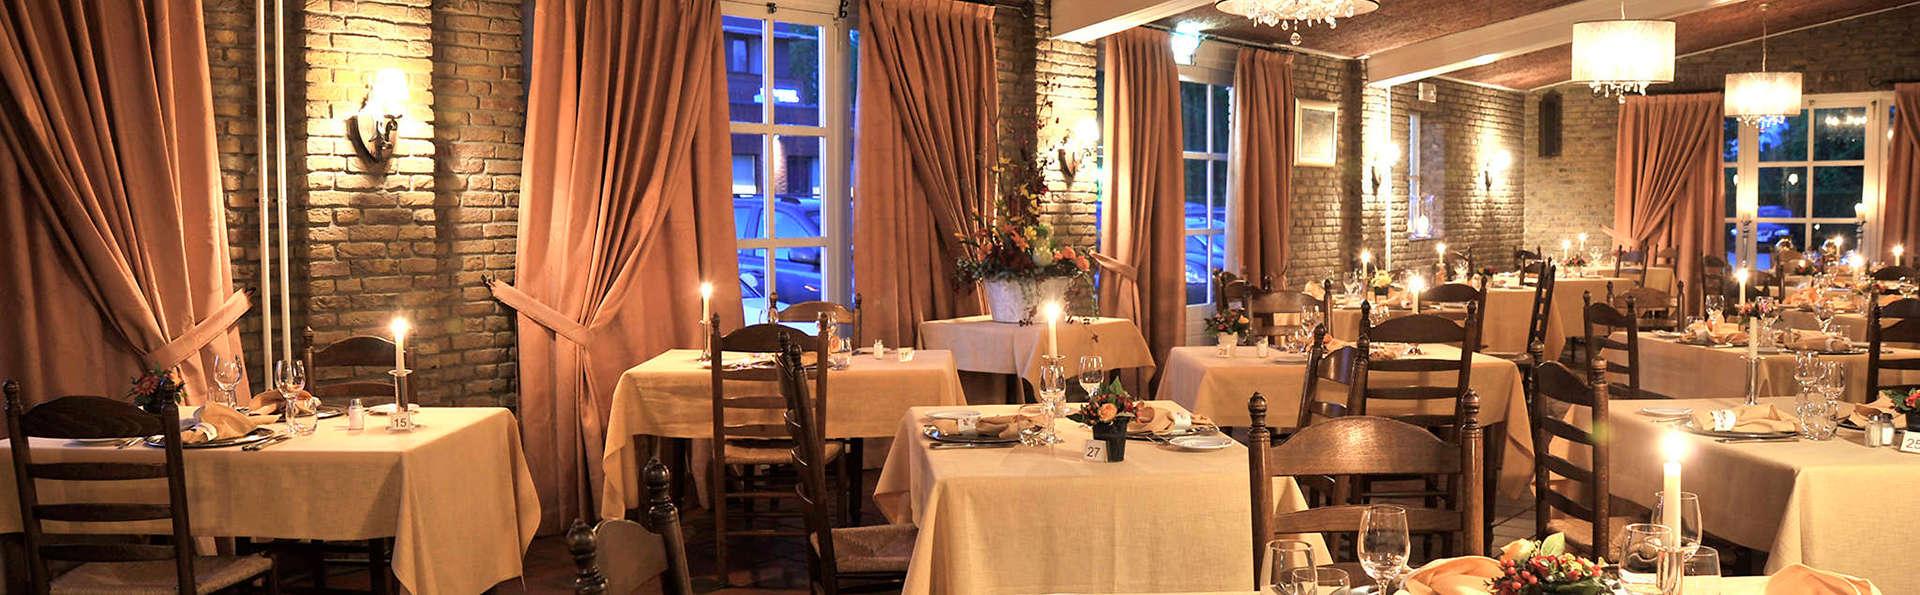 Romanticismo e gastronomia a lume di candela nella bella Brabante (da 2 notti)